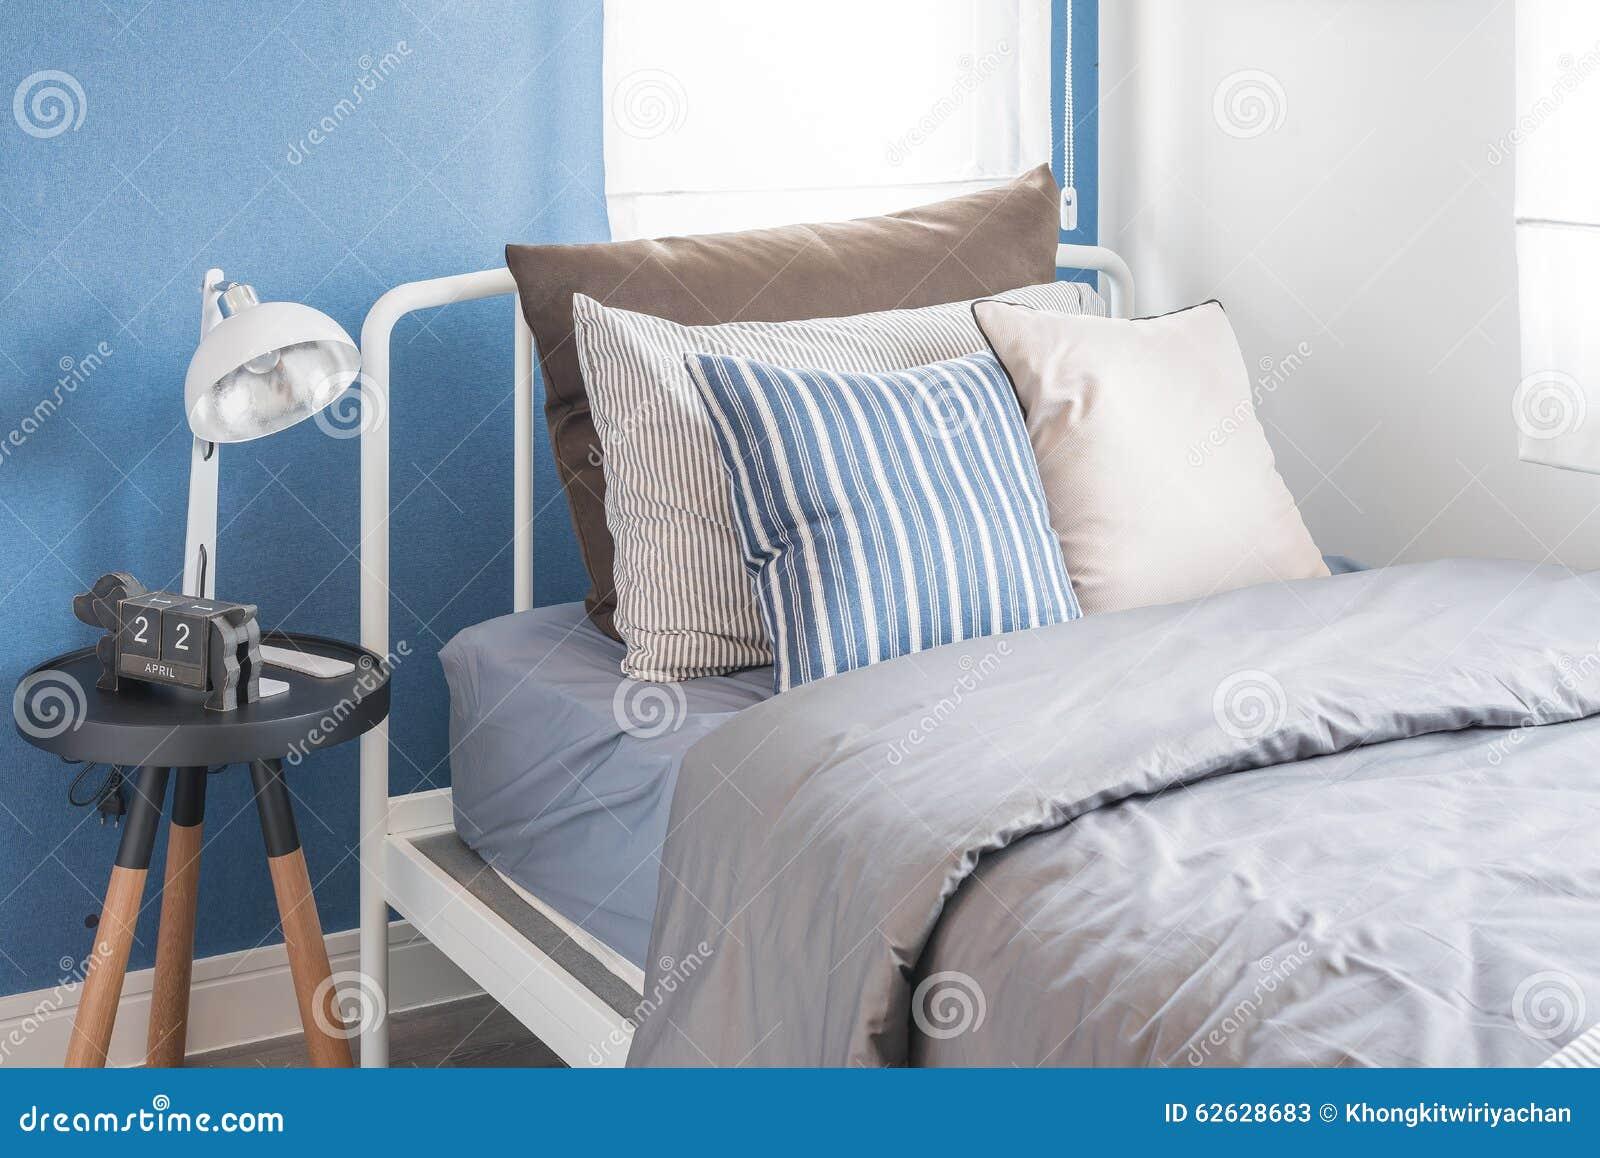 Blauwe Slaapkamer Lamp : Enig wit bed met witte lamp en blauwe muur stock afbeelding